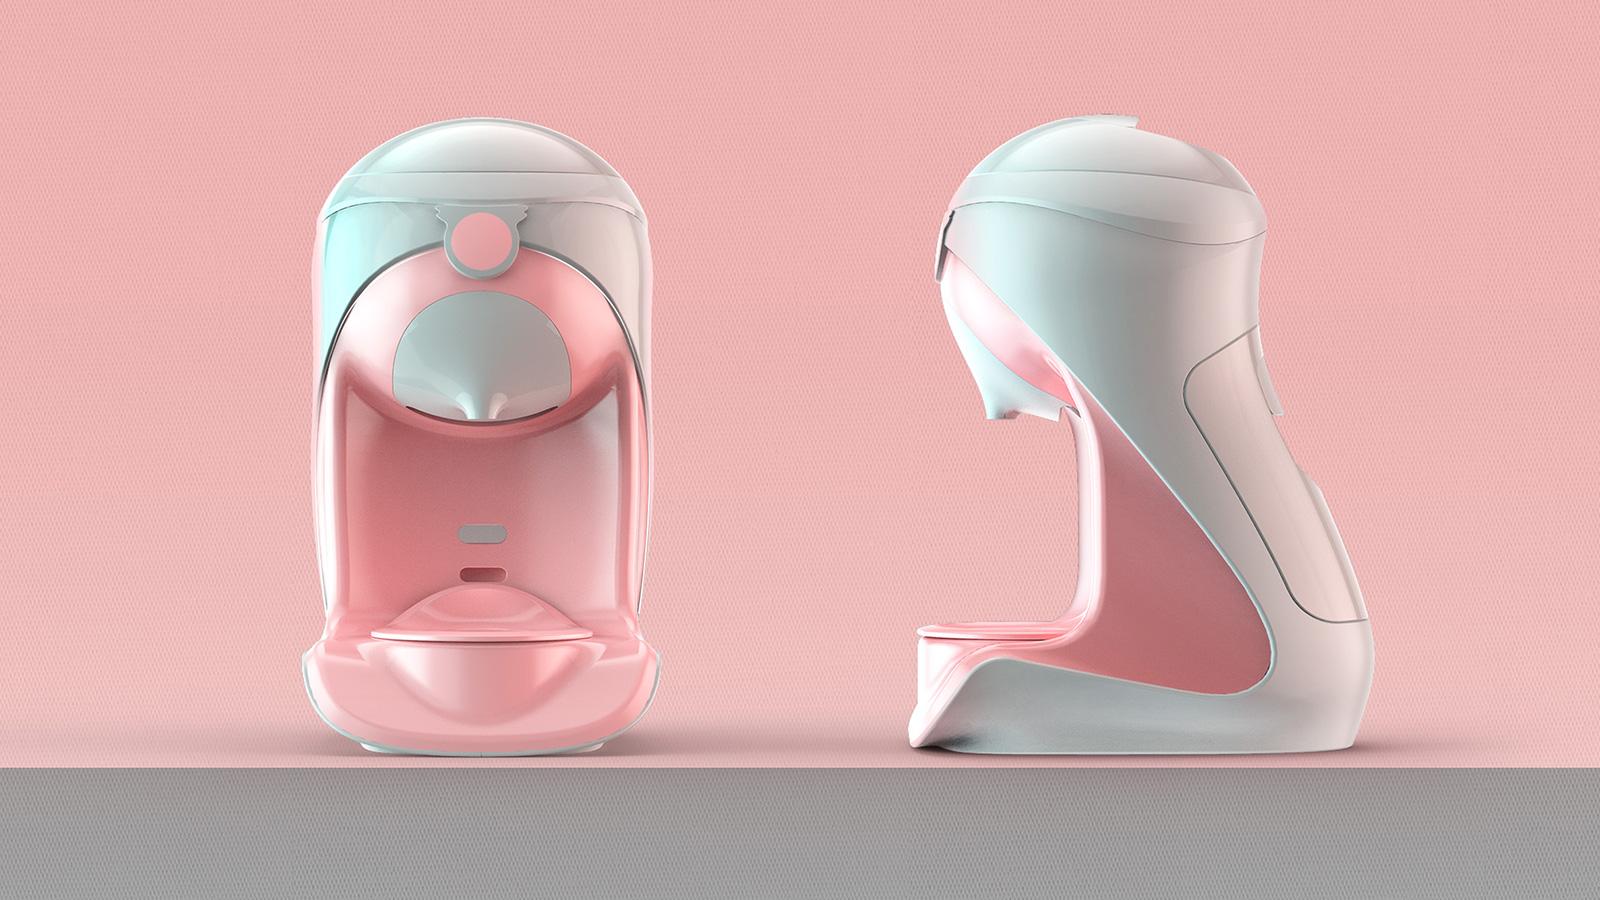 泡奶機的封閉式旋轉門設計,可實現智能水循環